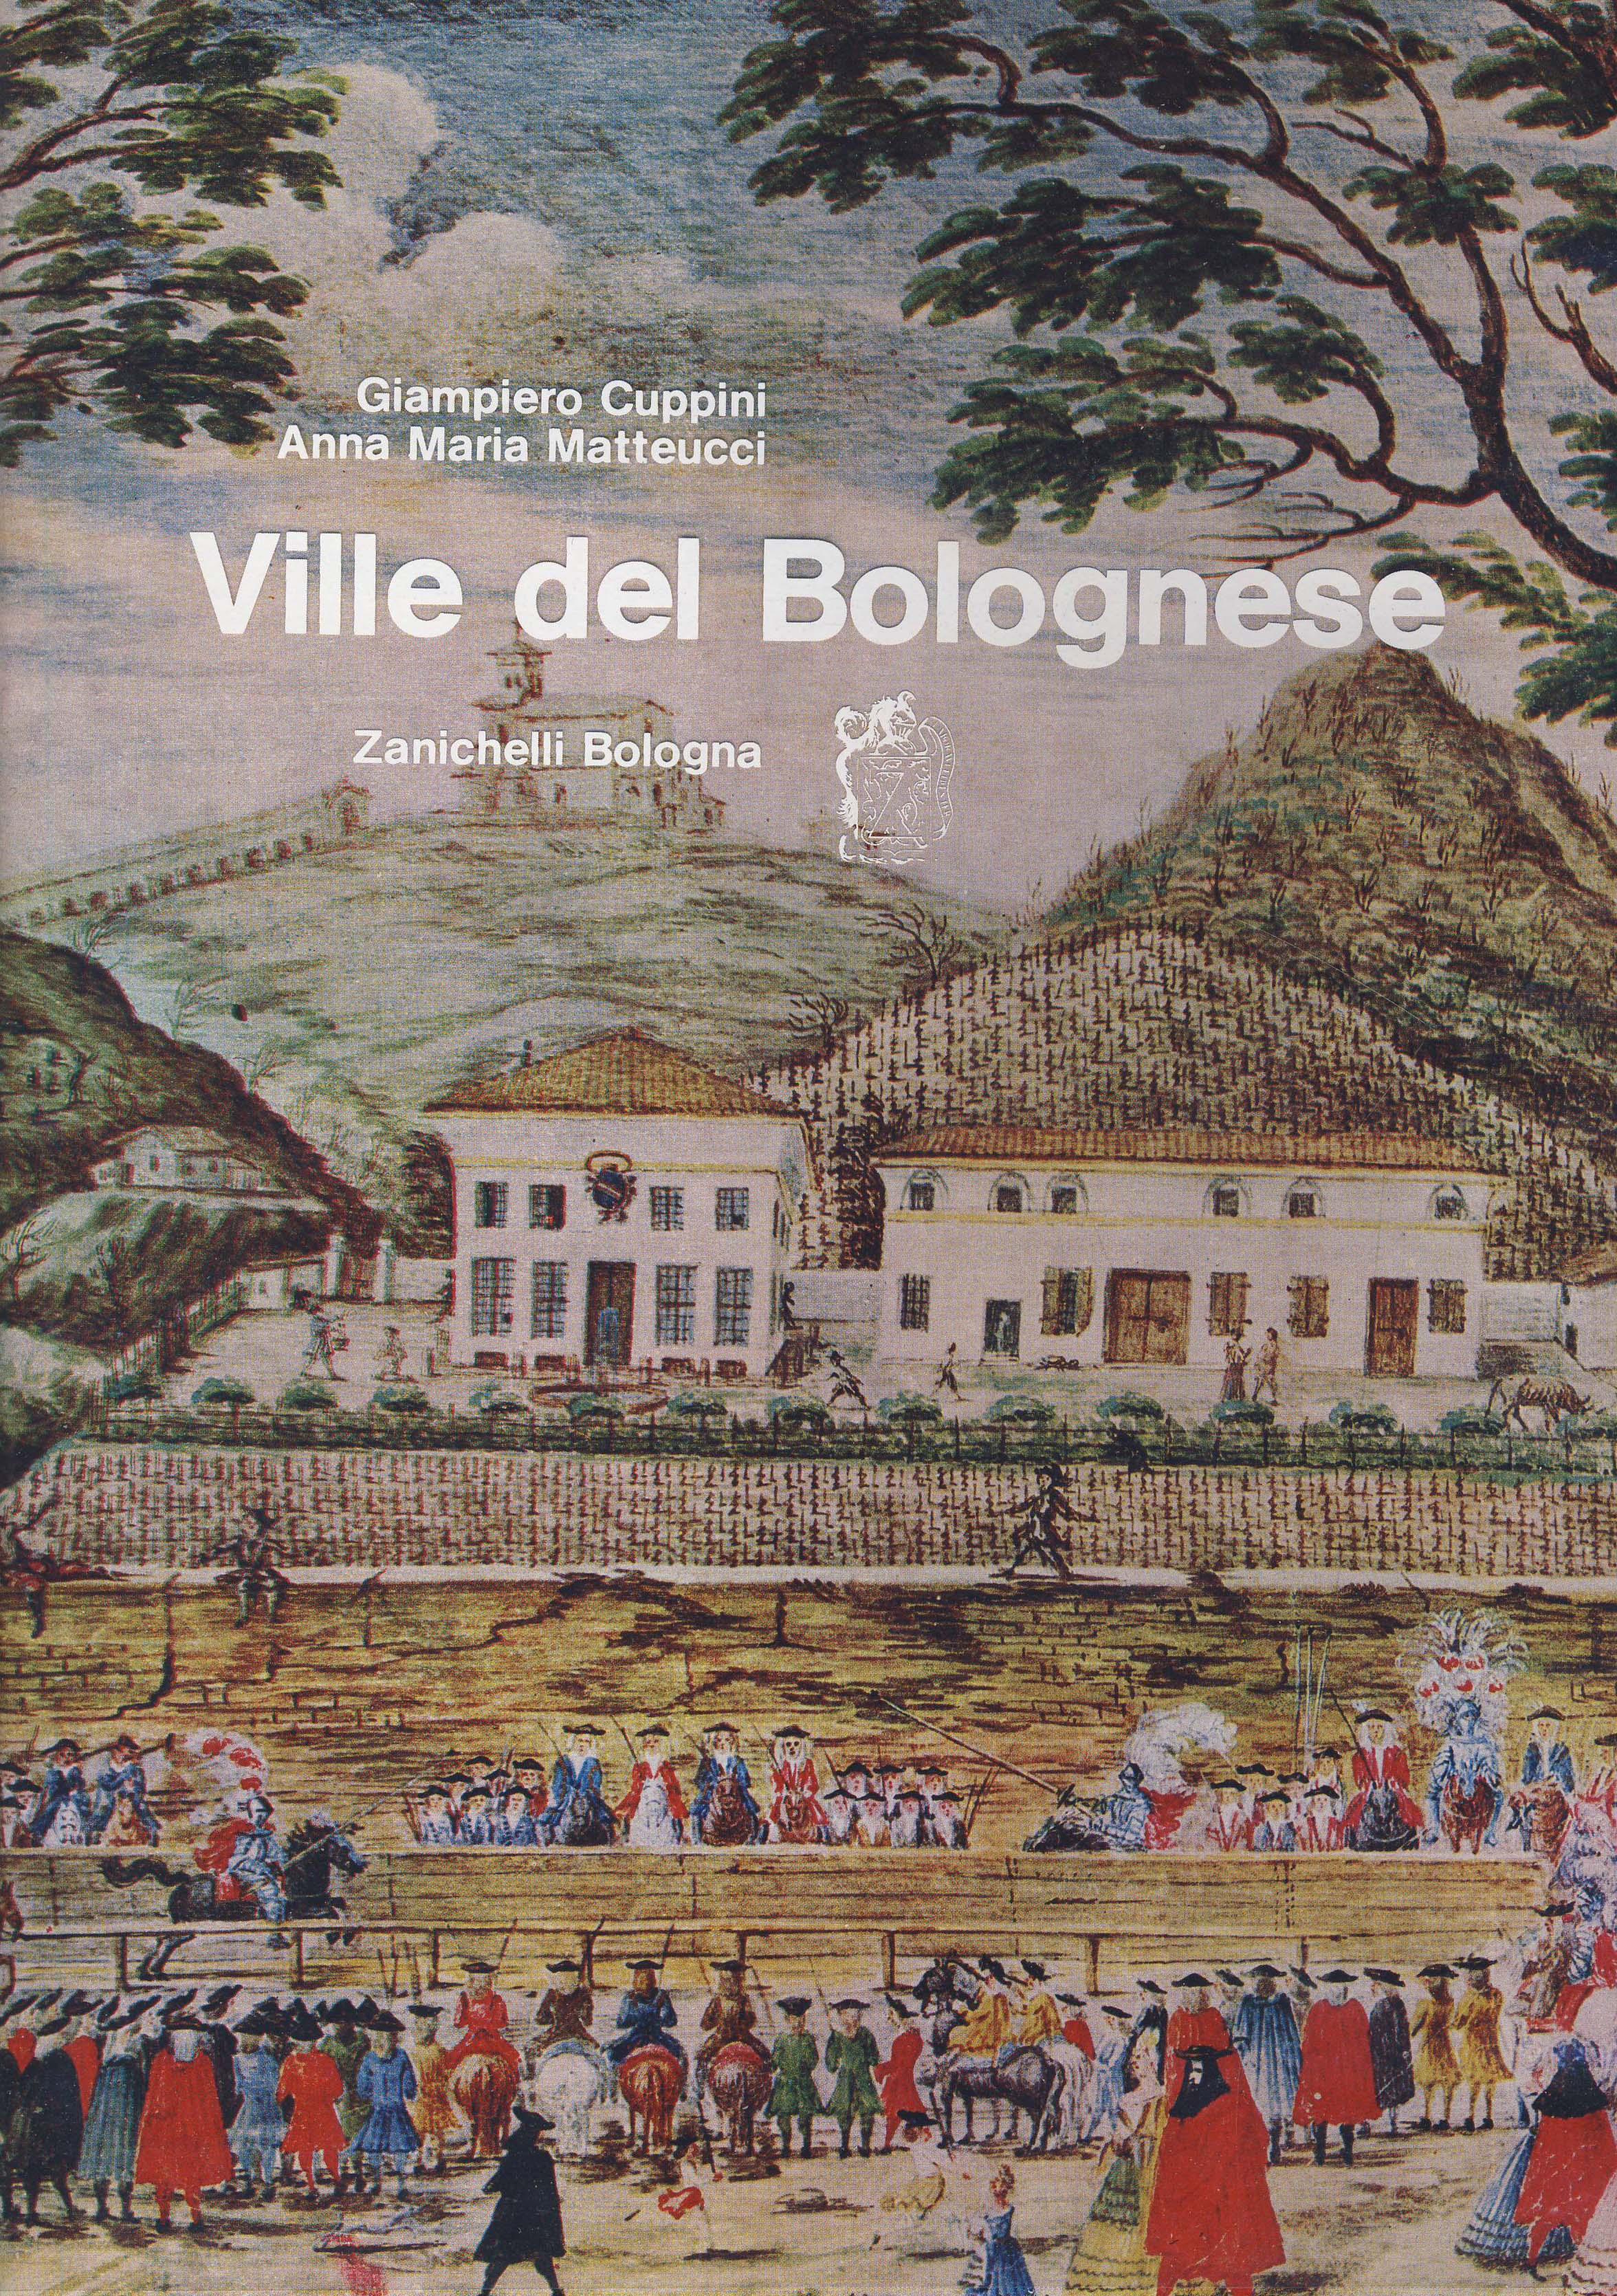 Ville del Bolognese